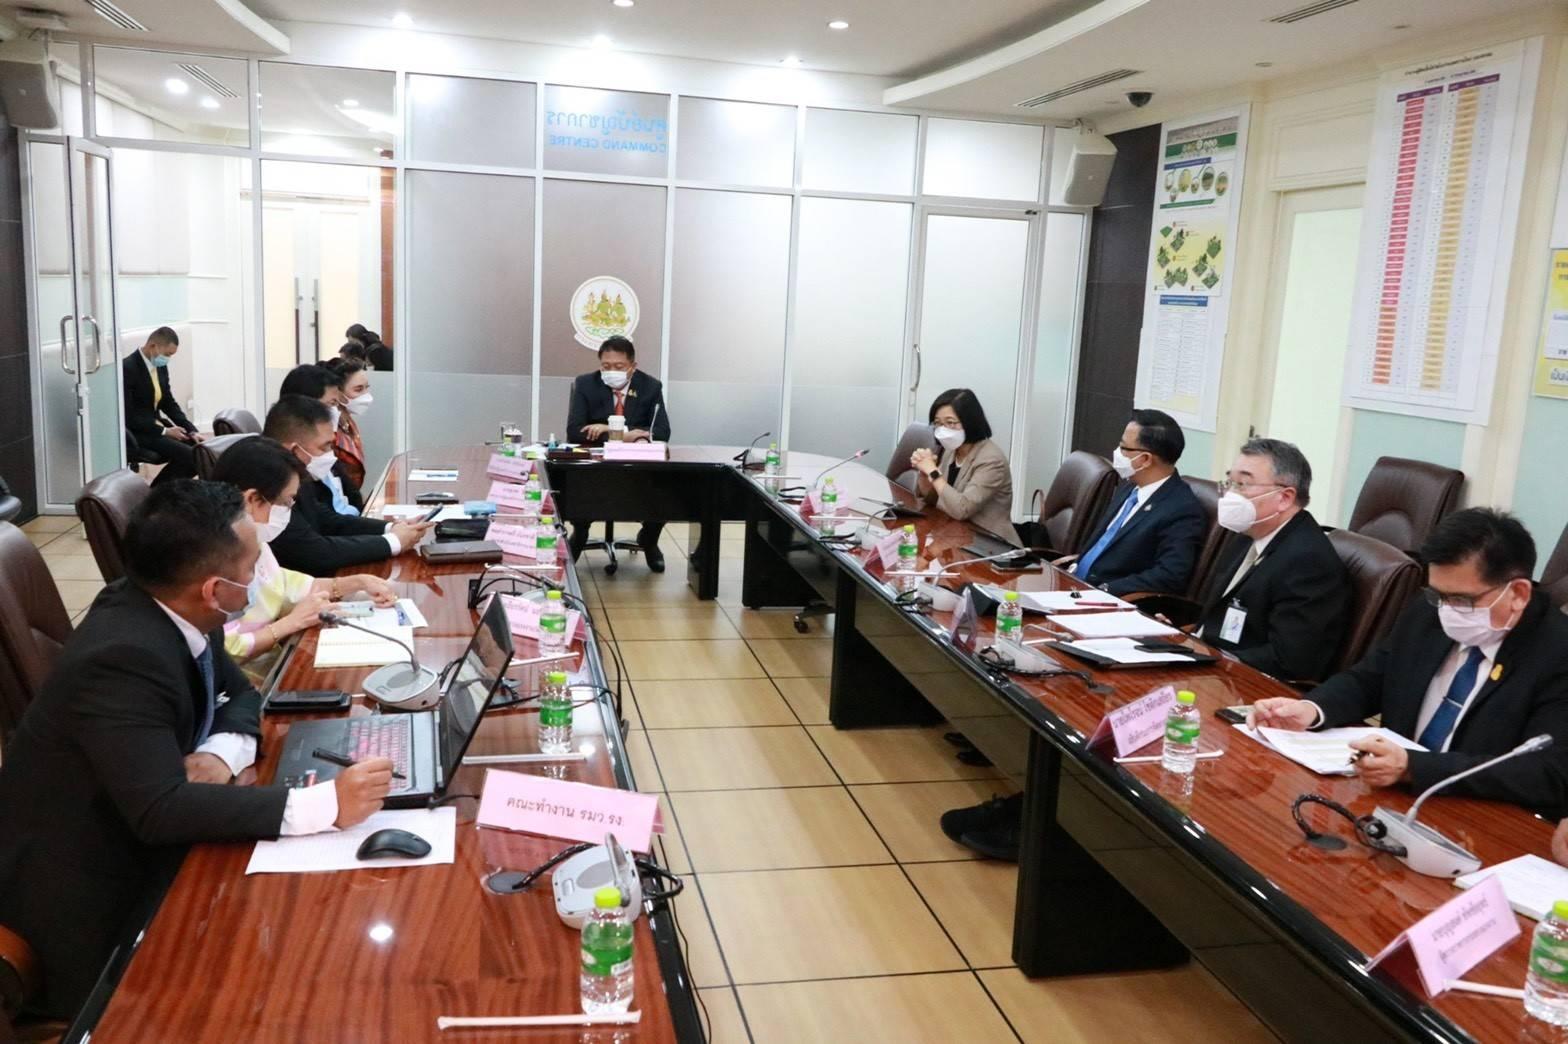 อธิบดีกรมการจัดหางาน  ร่วมประชุมหารือกับสำนักงานคณะกรรมการส่งเสริมการลงทุน (BOI)